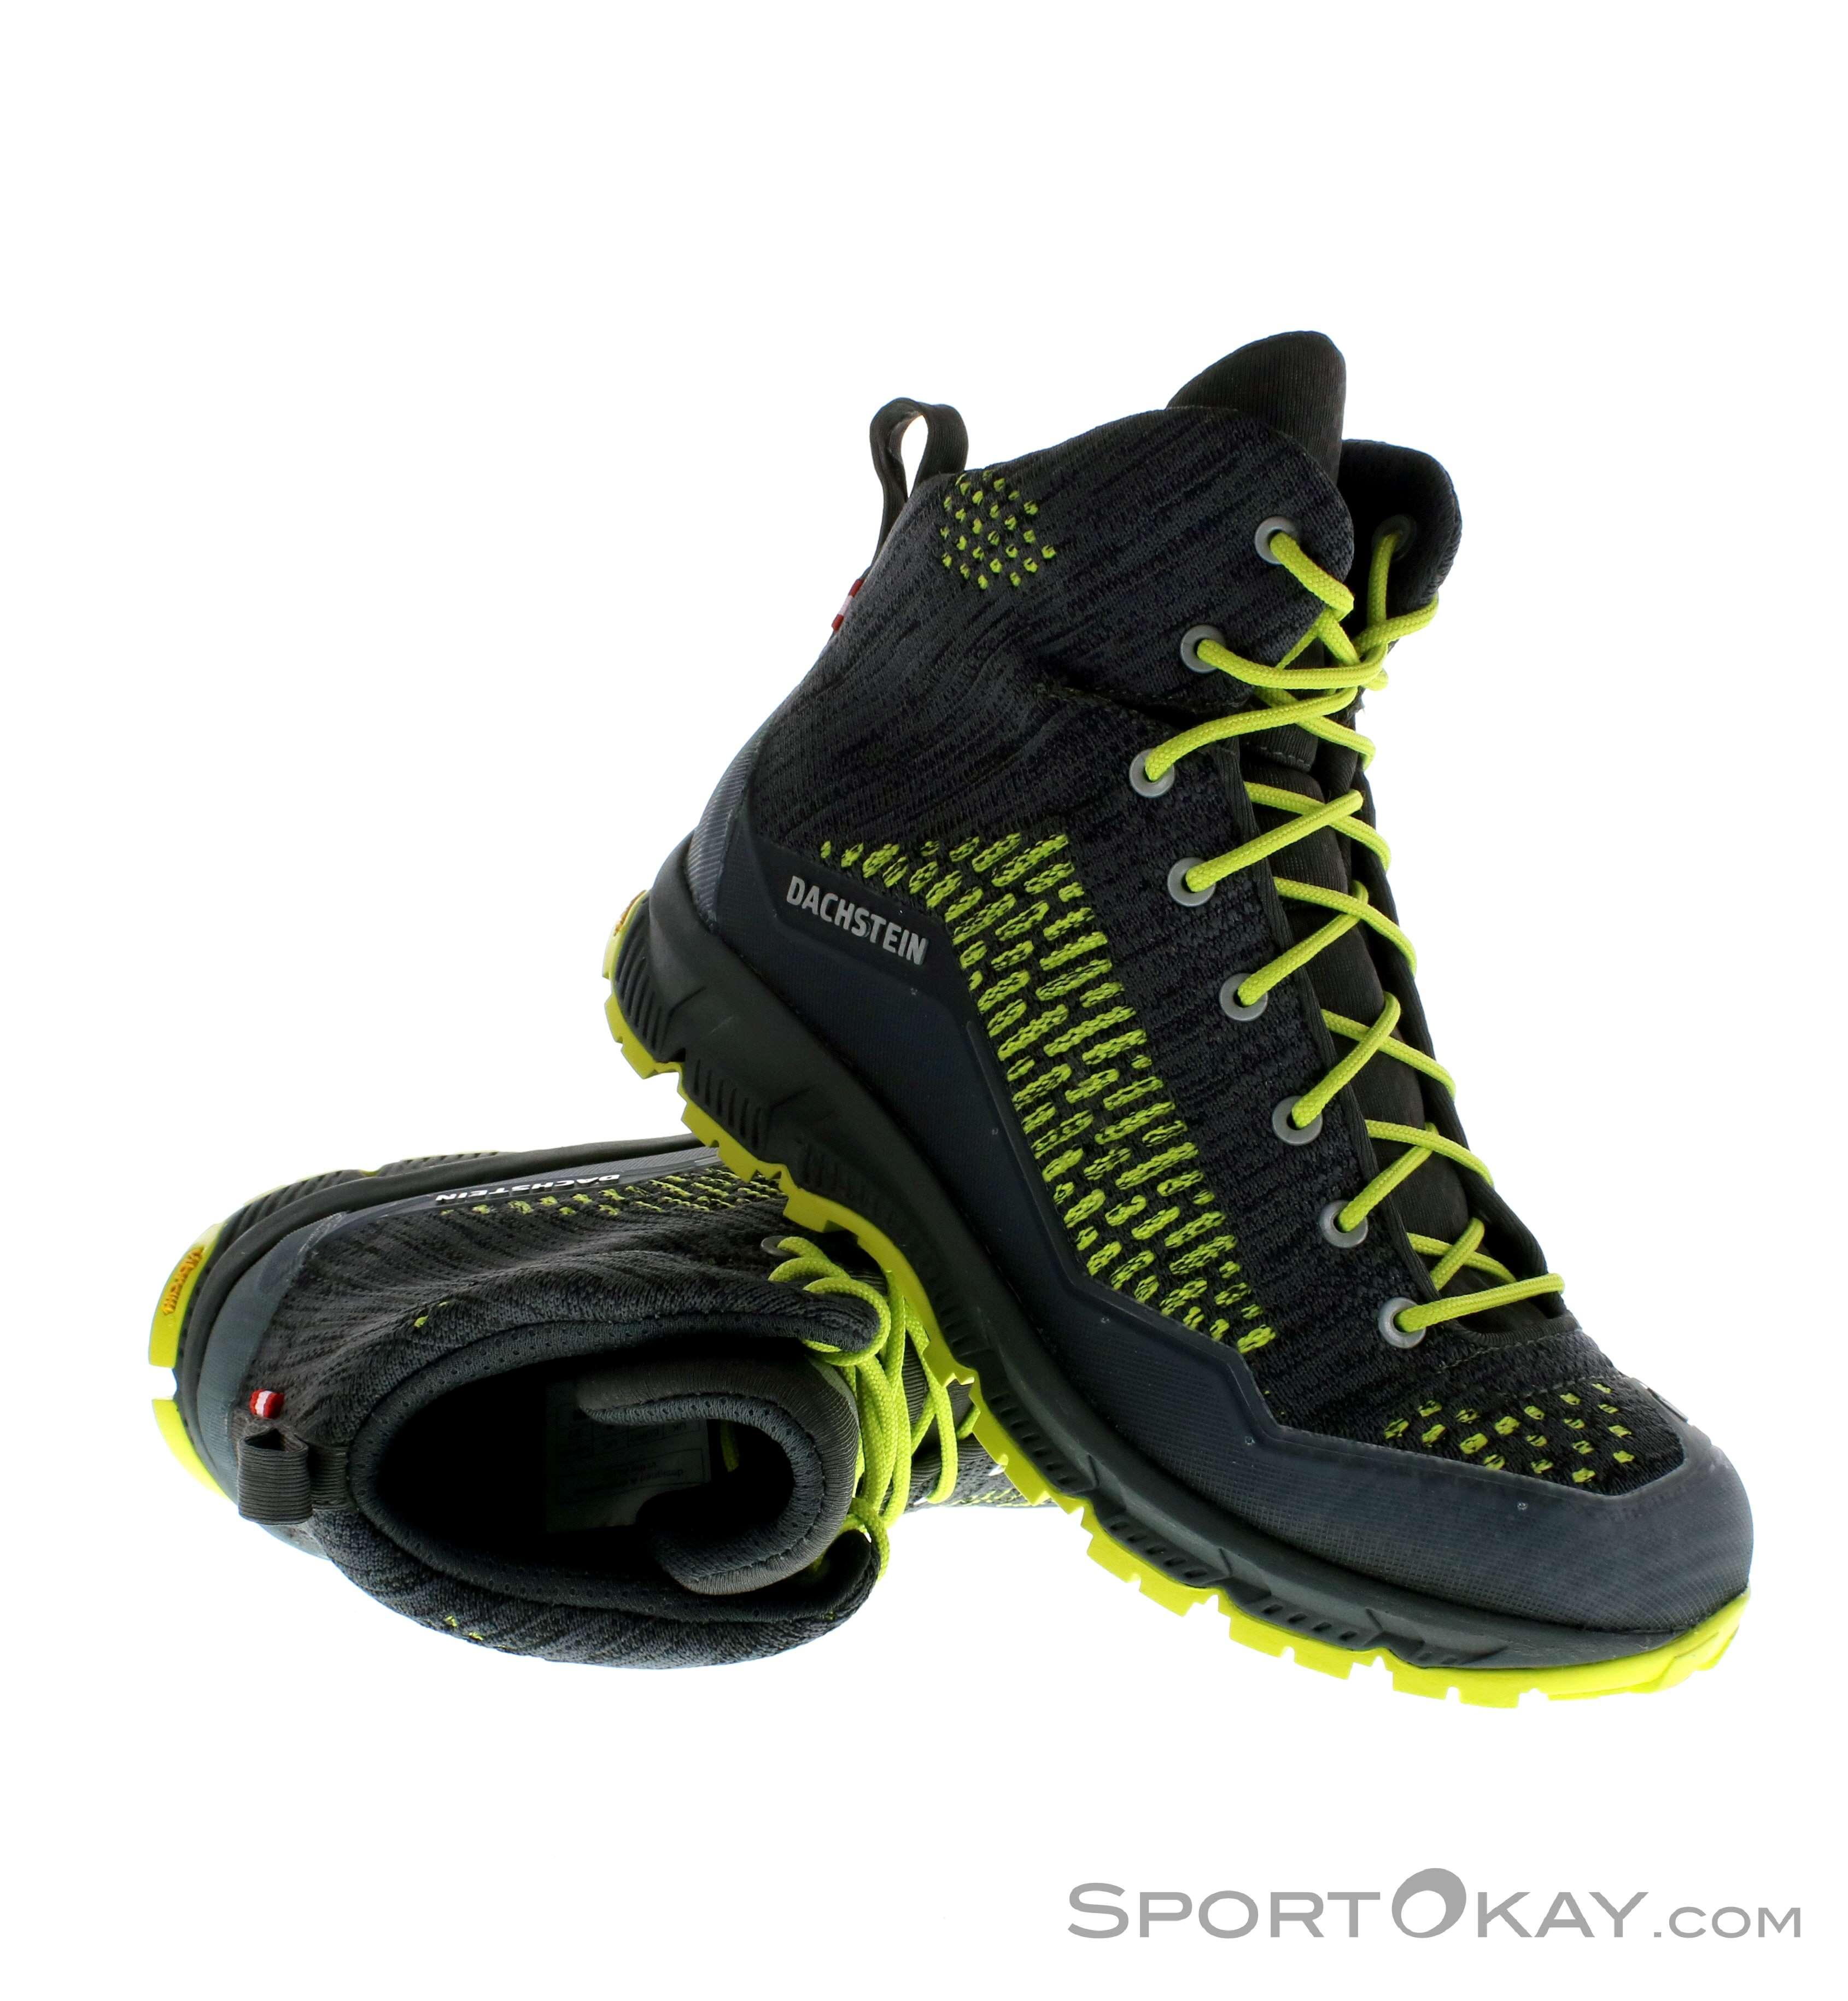 def9300b9b2 Dachstein Dachstein Super Leggera DDS Mens Hiking Boots